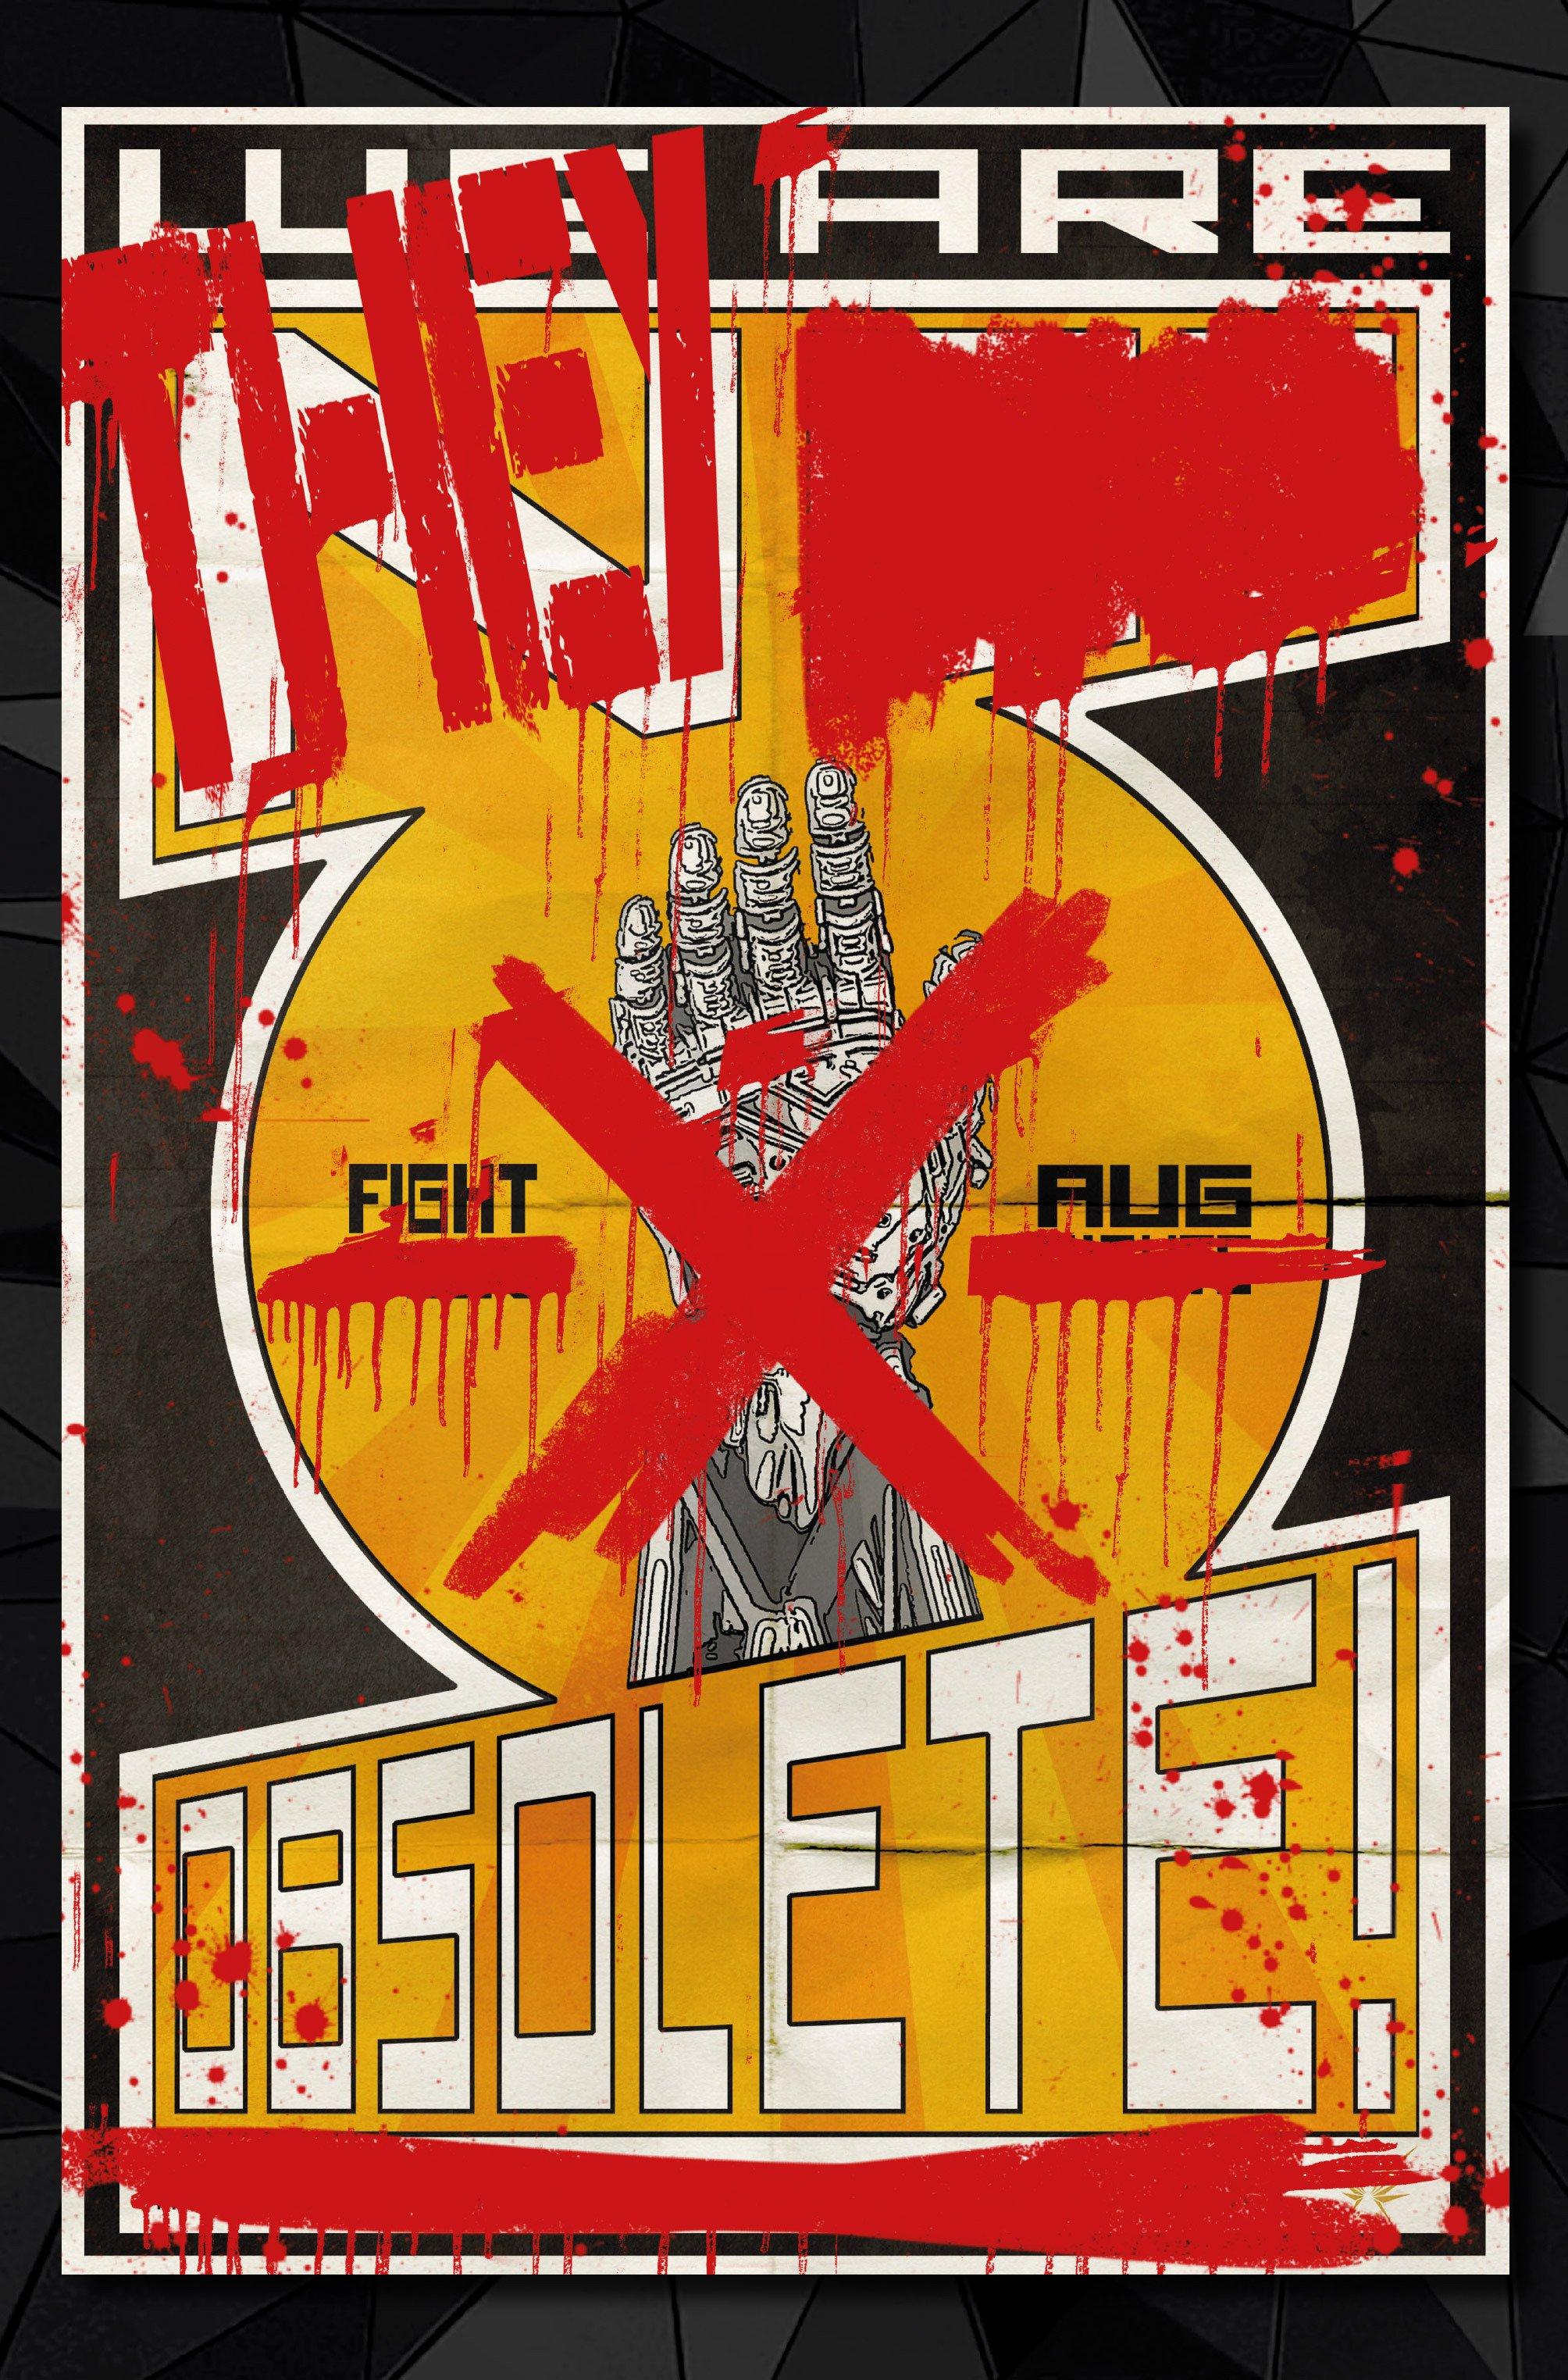 Агитплакаты Deus Ex, которые можно найти в комикс-серии Deus Ex Universe - Children's Crusade. - Изображение 10